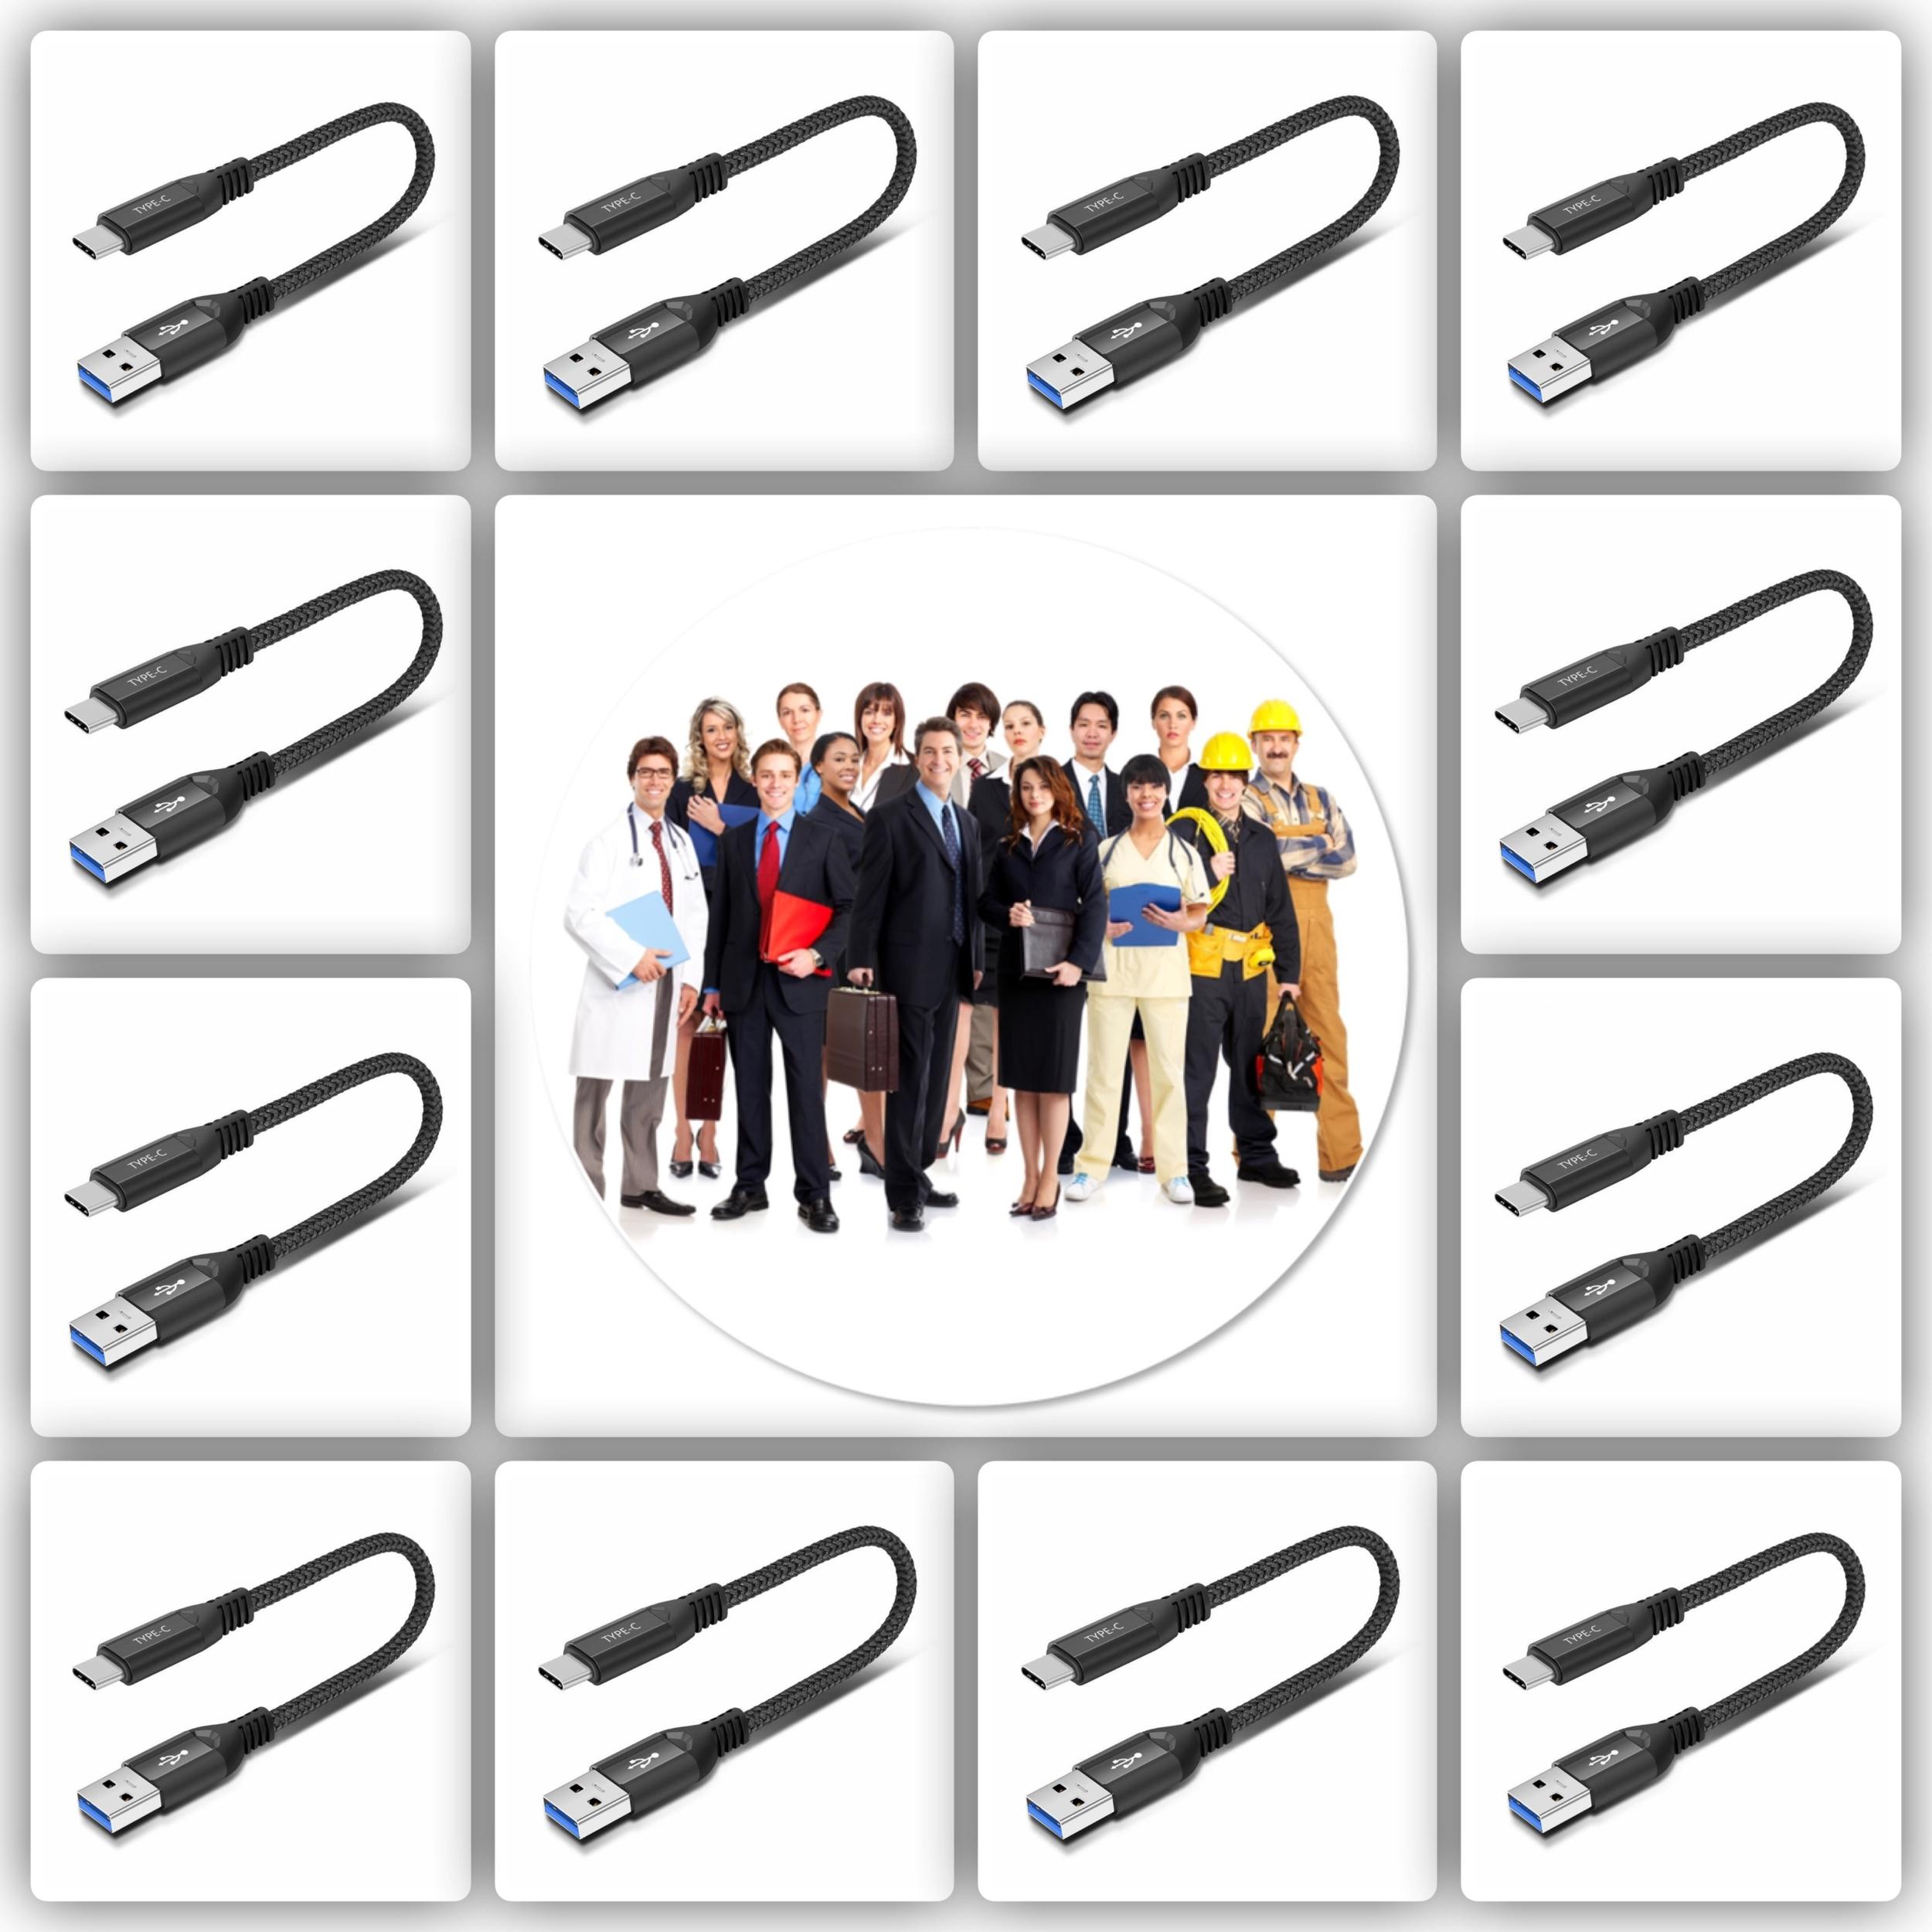 Pack de 10 x Cable USB-C vers USB 3.1 Longueur 26cm